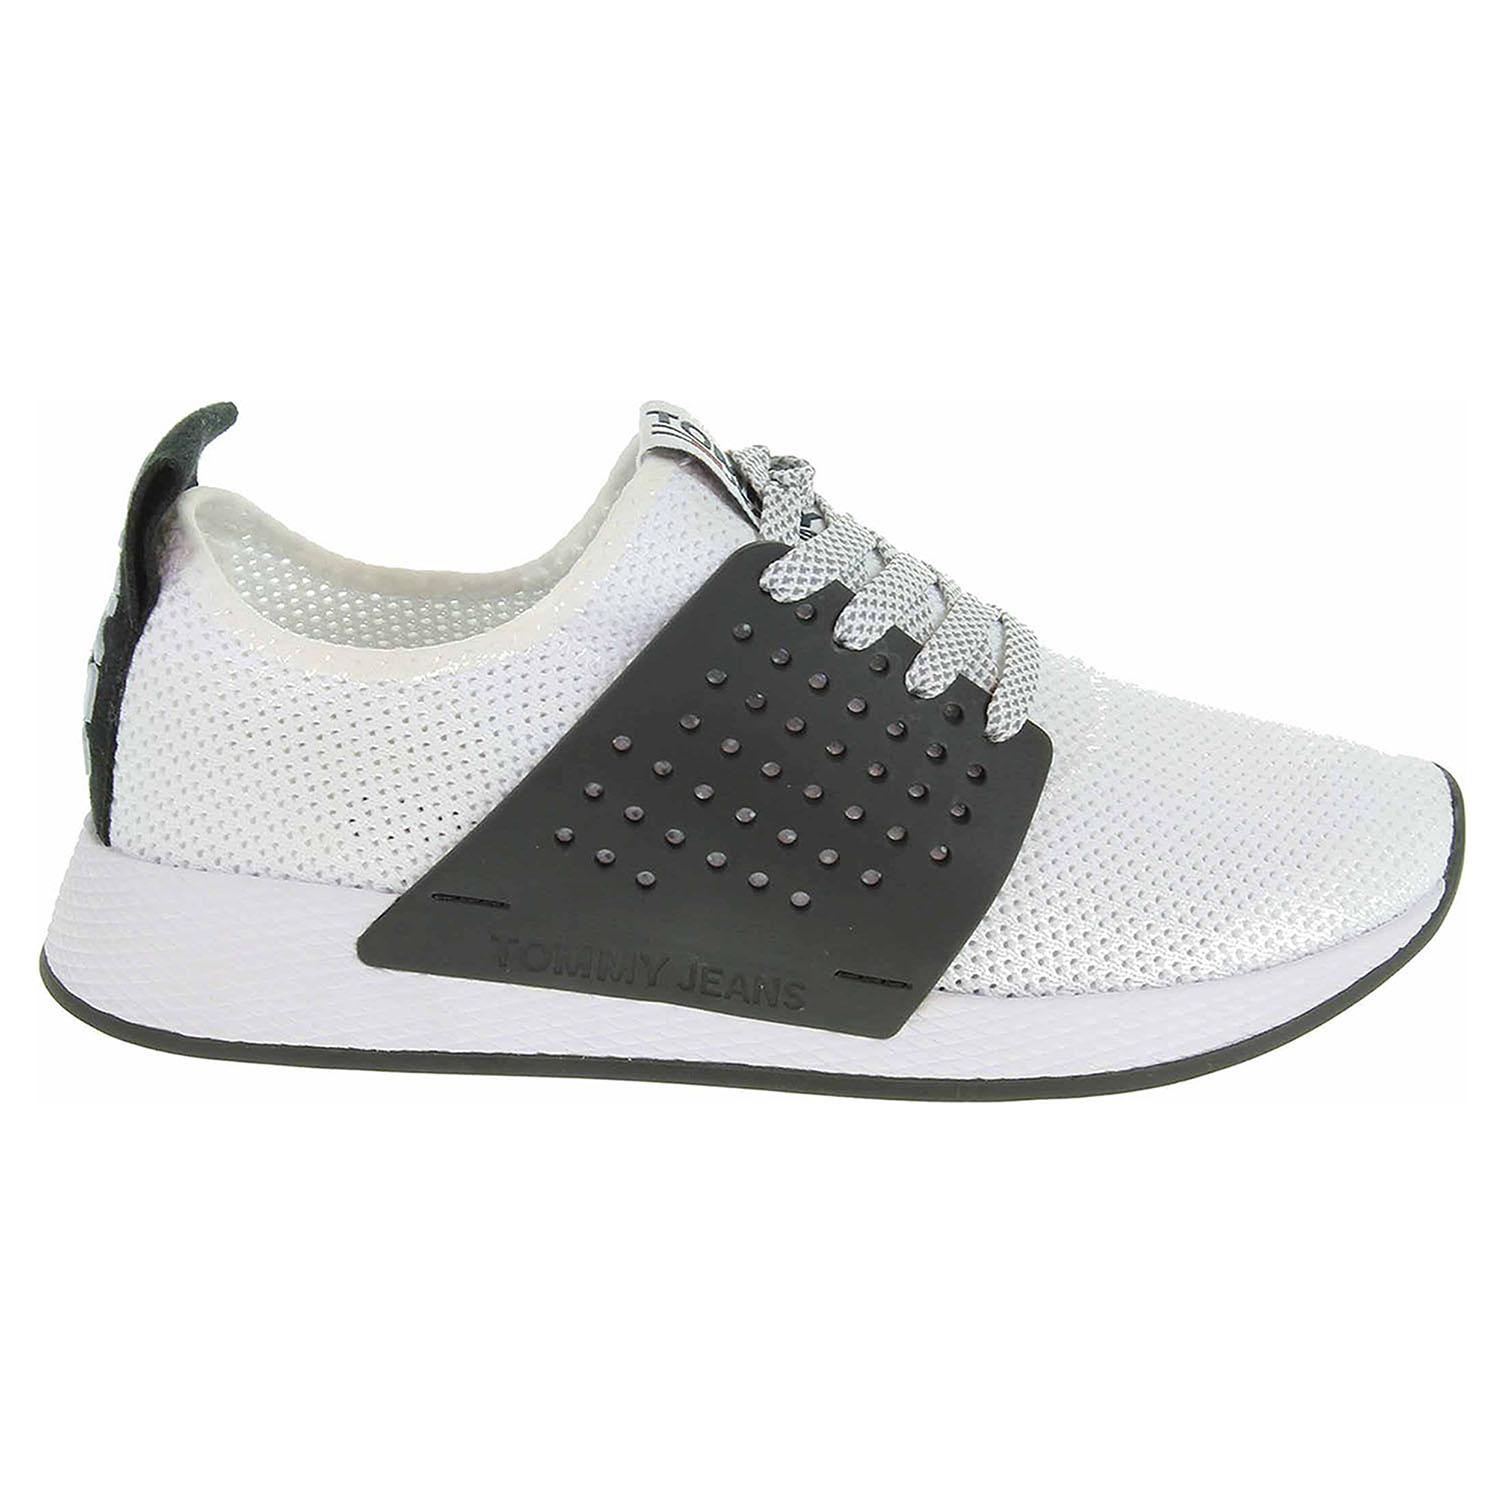 16ce70afbc Tommy Hilfiger dámská obuv EN0EN00170 100 white EN0EN00170 100 41